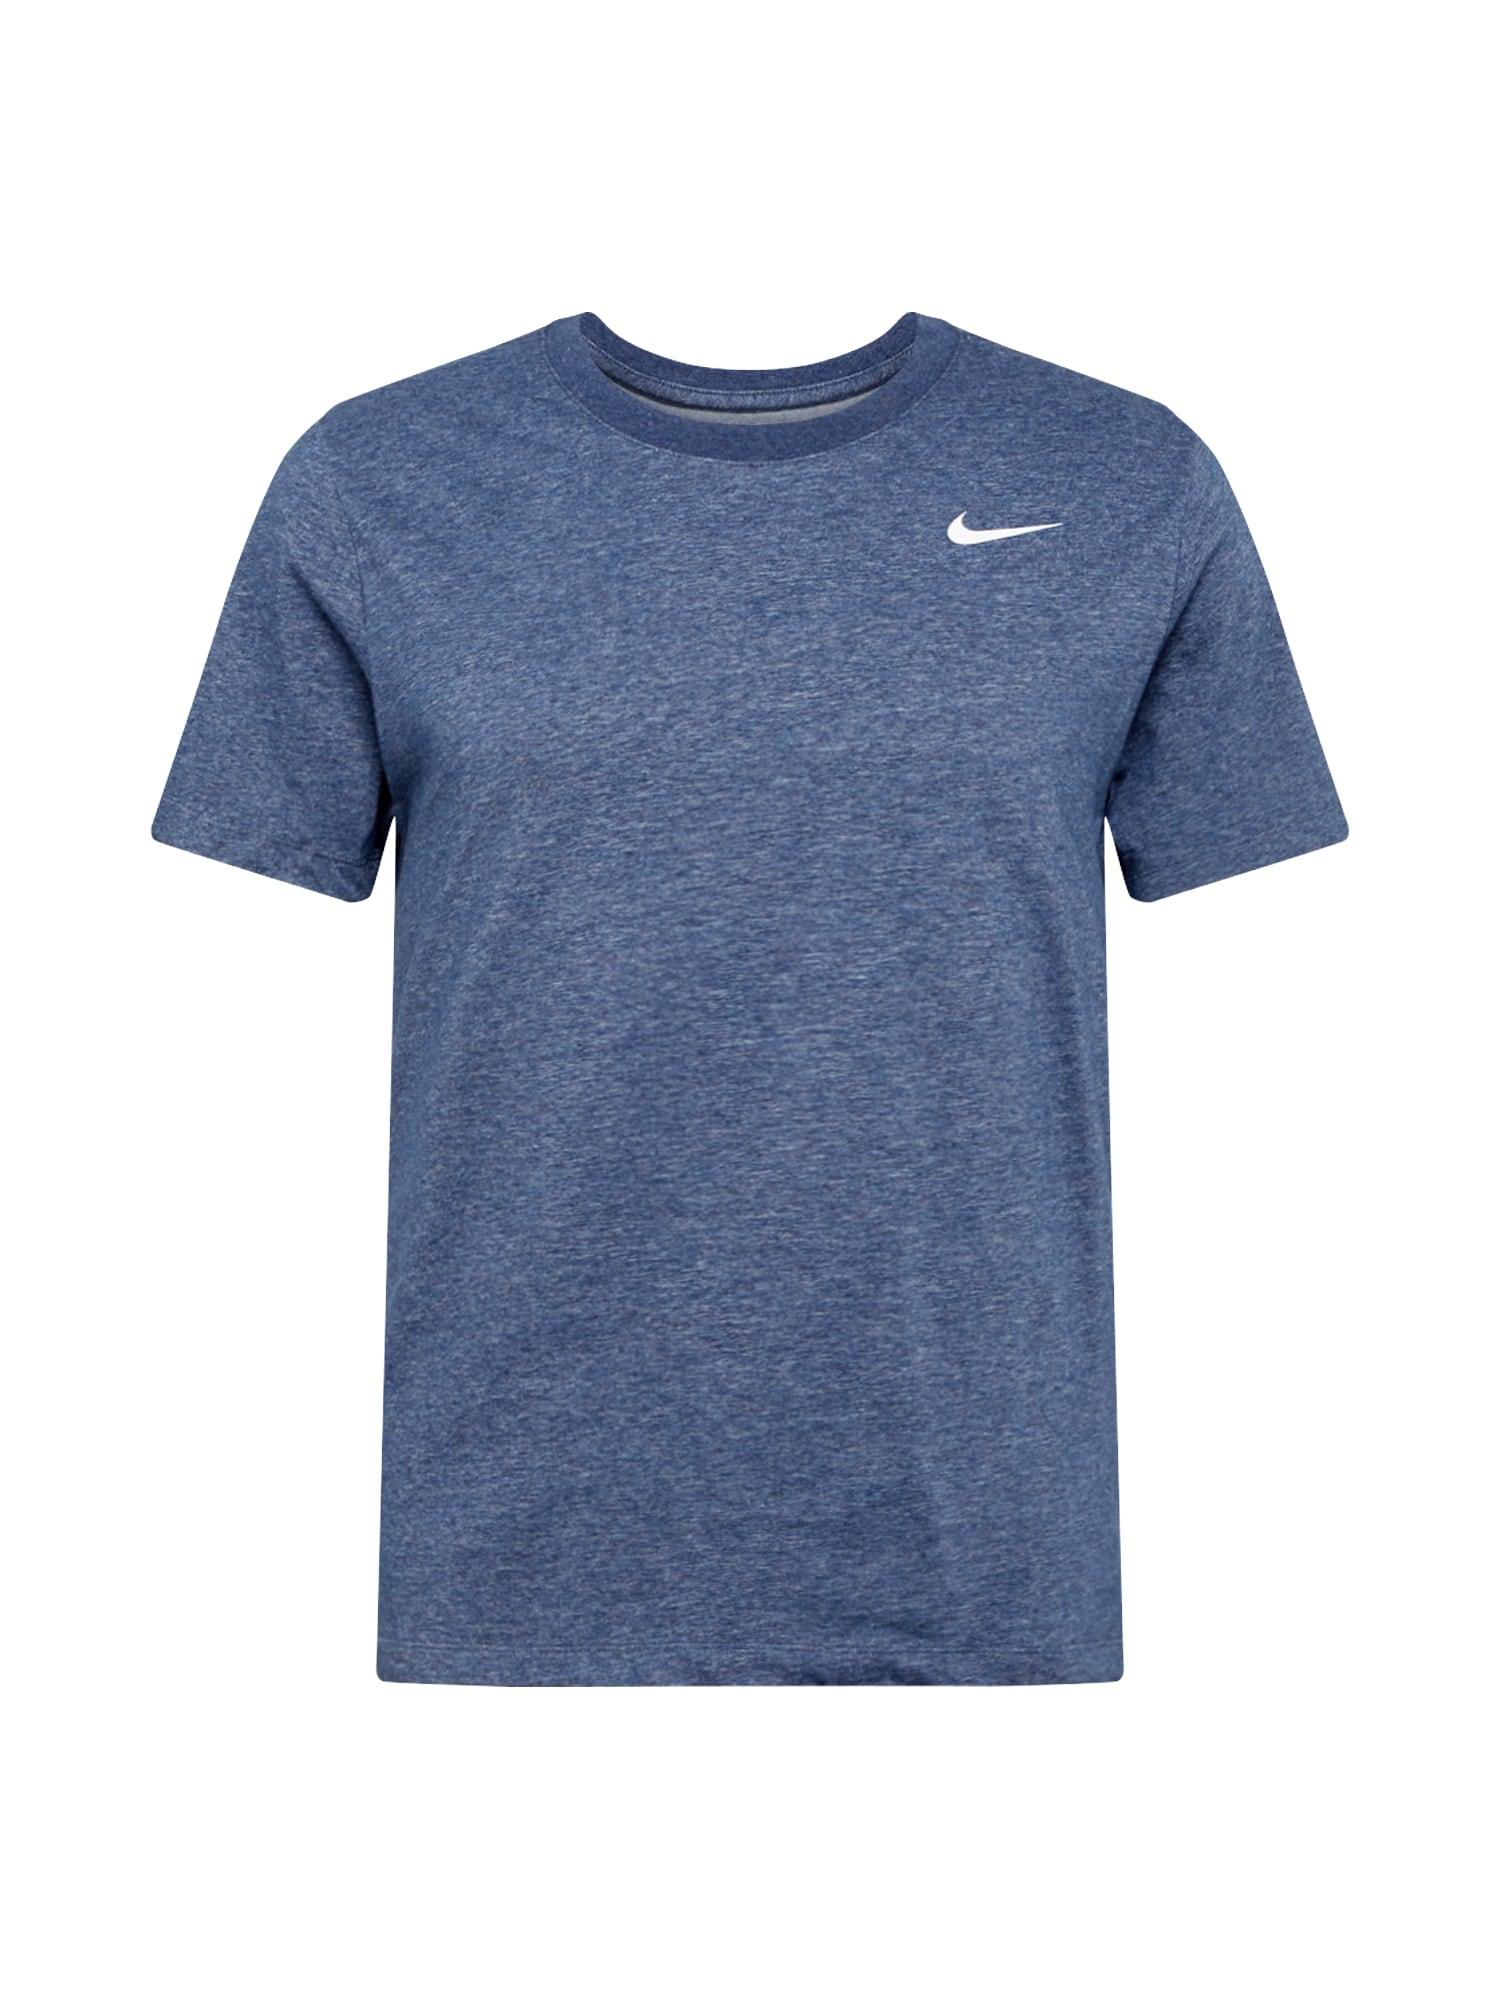 NIKE Sportiniai marškinėliai margai mėlyna